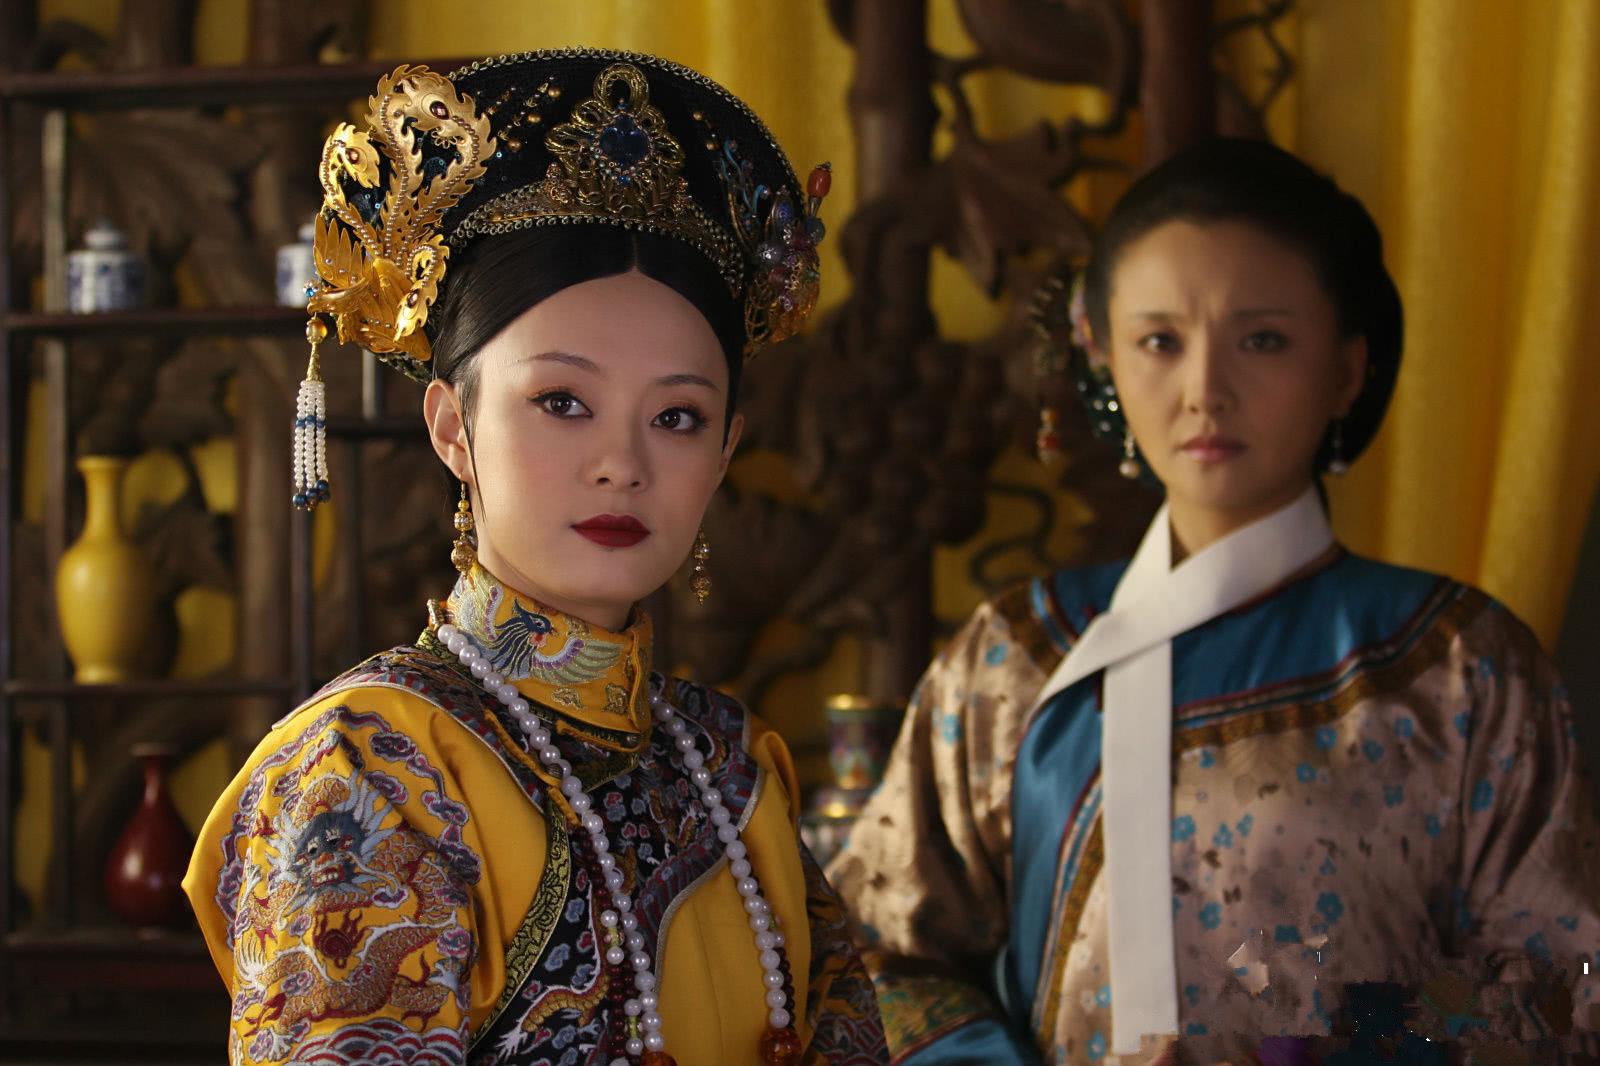 此人是清朝最长寿皇的太后,其长寿秘诀是什么?